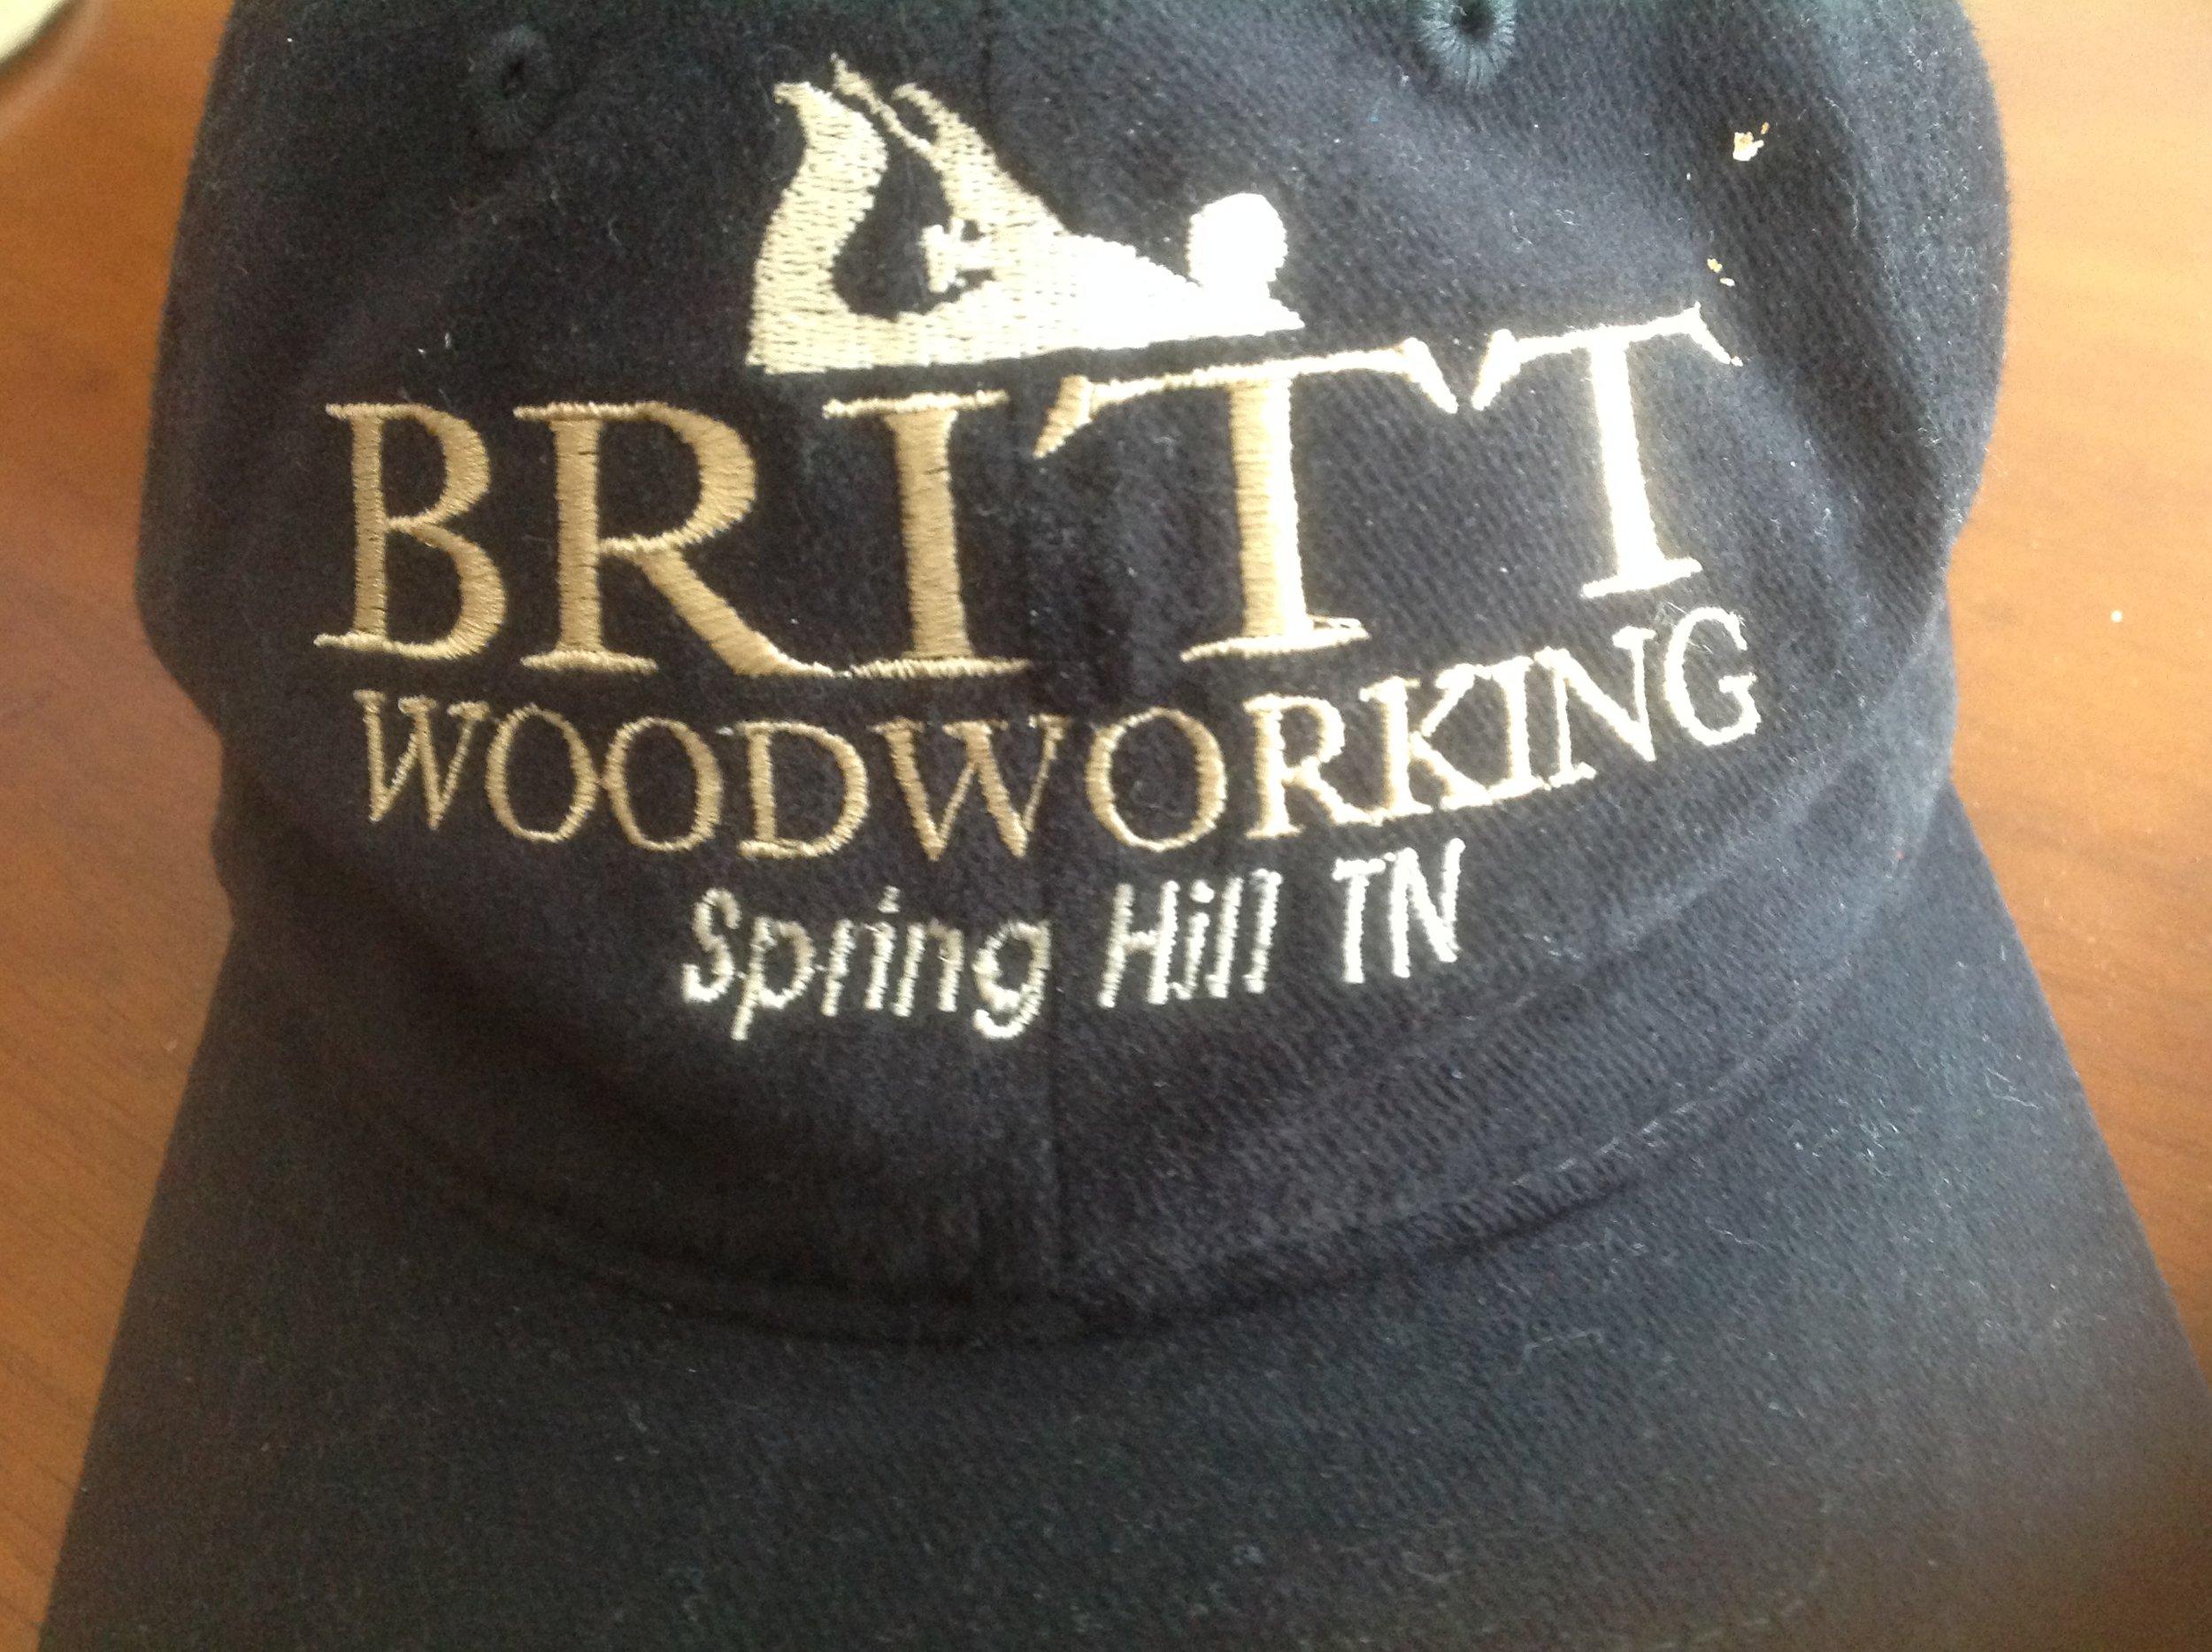 Britt Woodworking.jpg